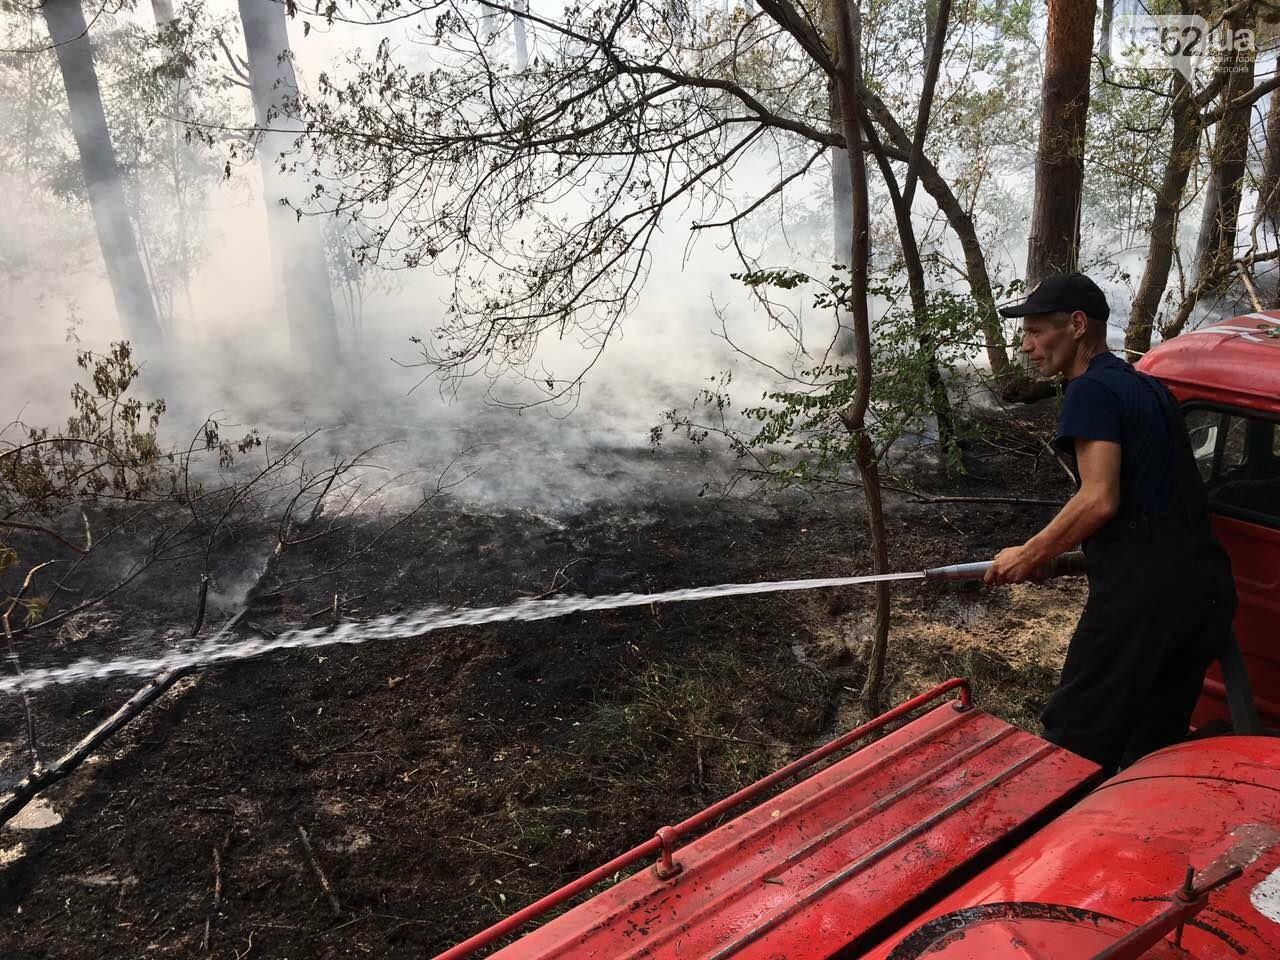 Выбились в лидеры: Херсонская область - первая по количеству лесных пожаров с начала года, фото-1